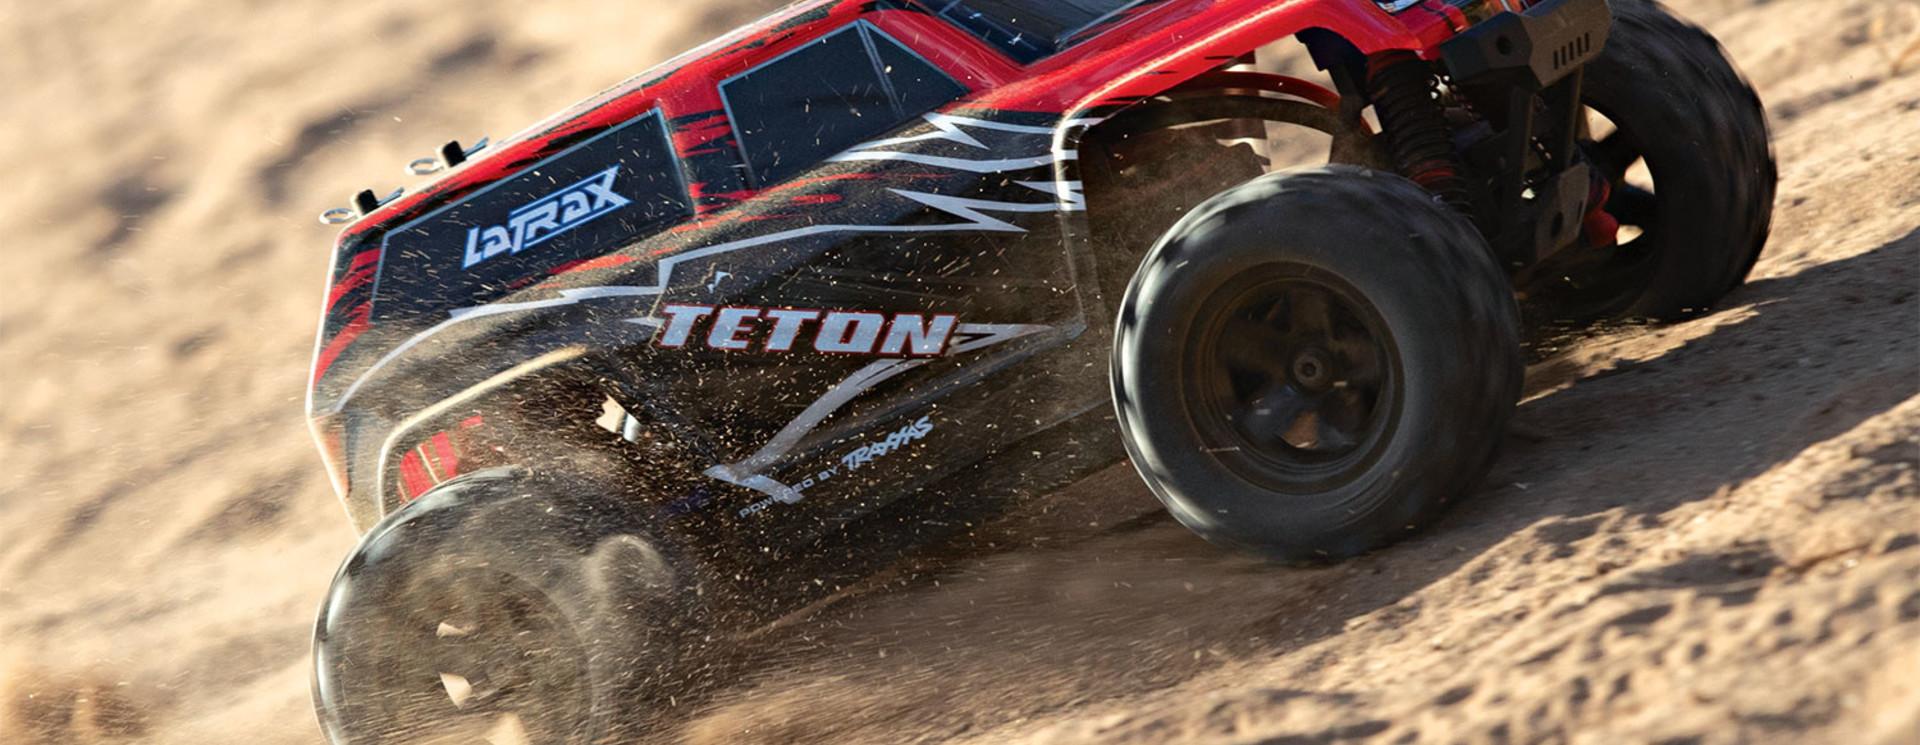 Parts LaTrax Teton